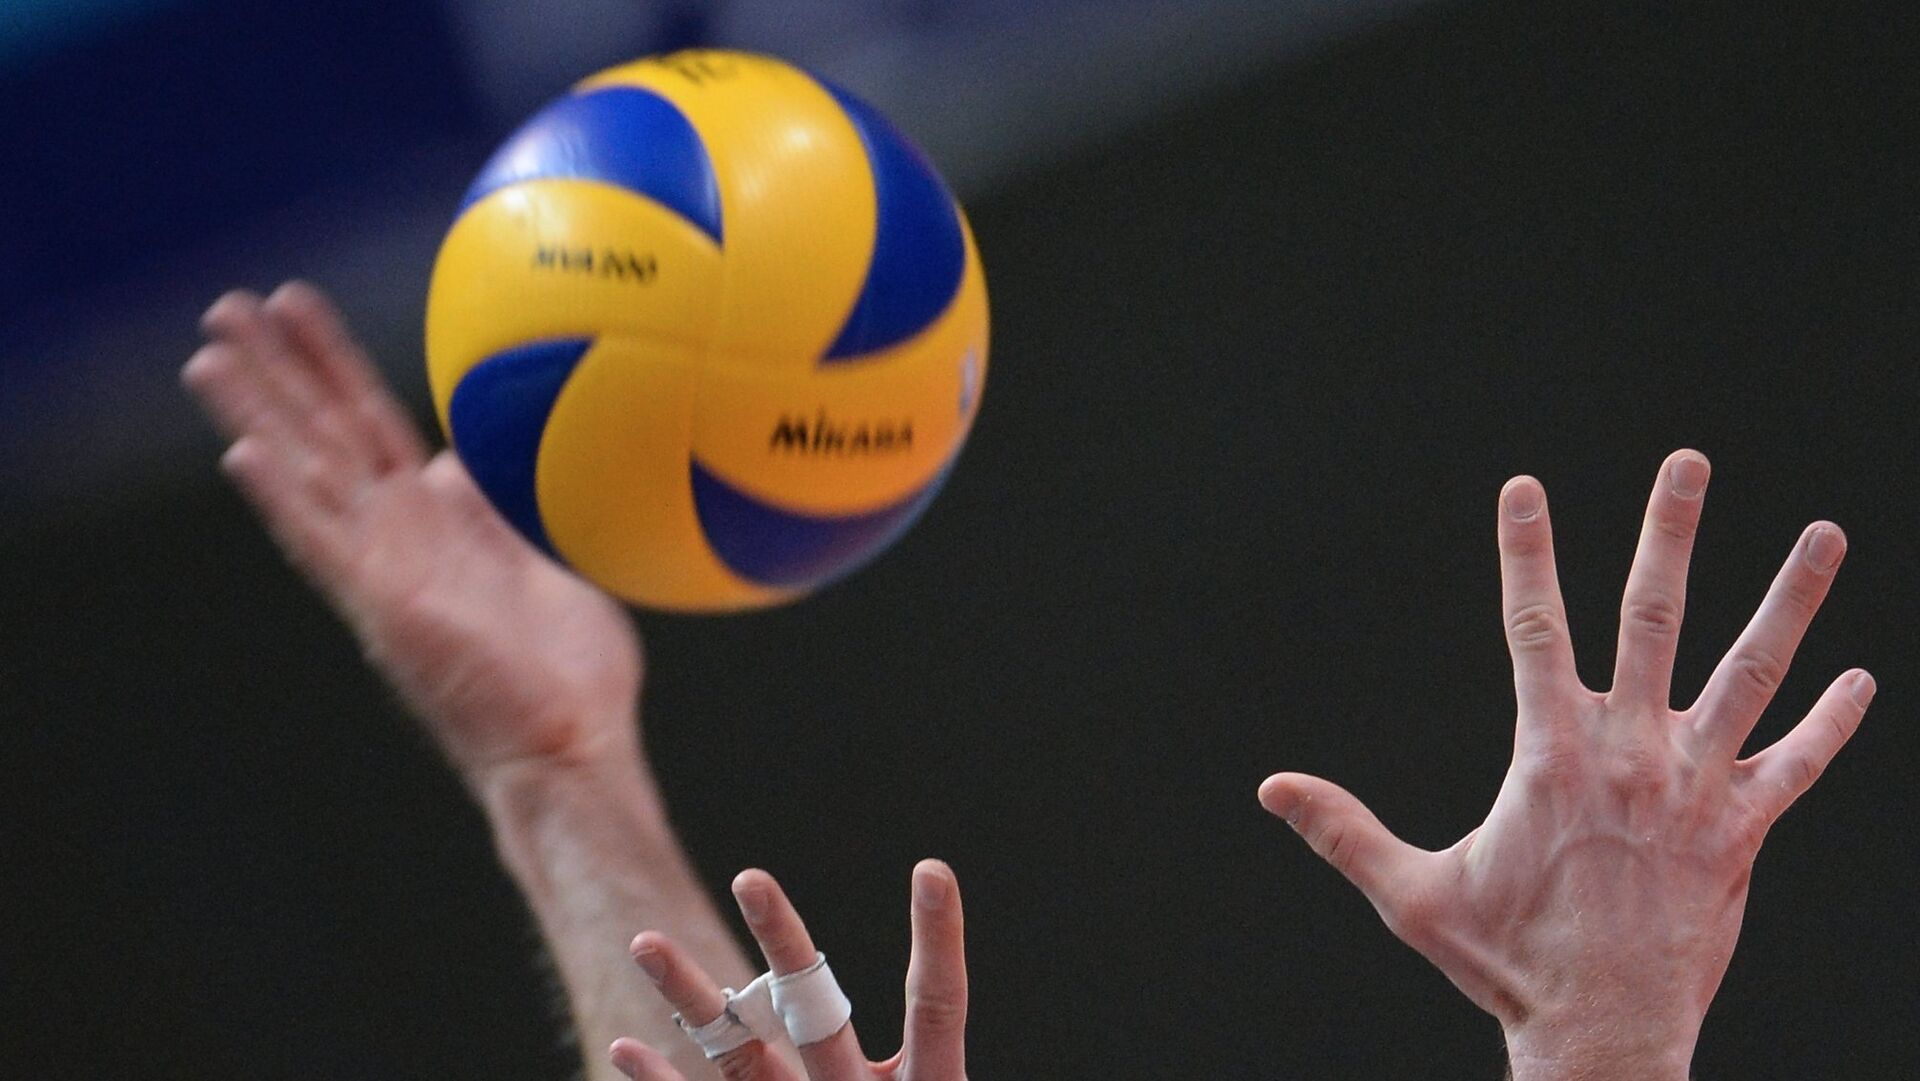 Волейбольный мяч - РИА Новости, 1920, 03.12.2020